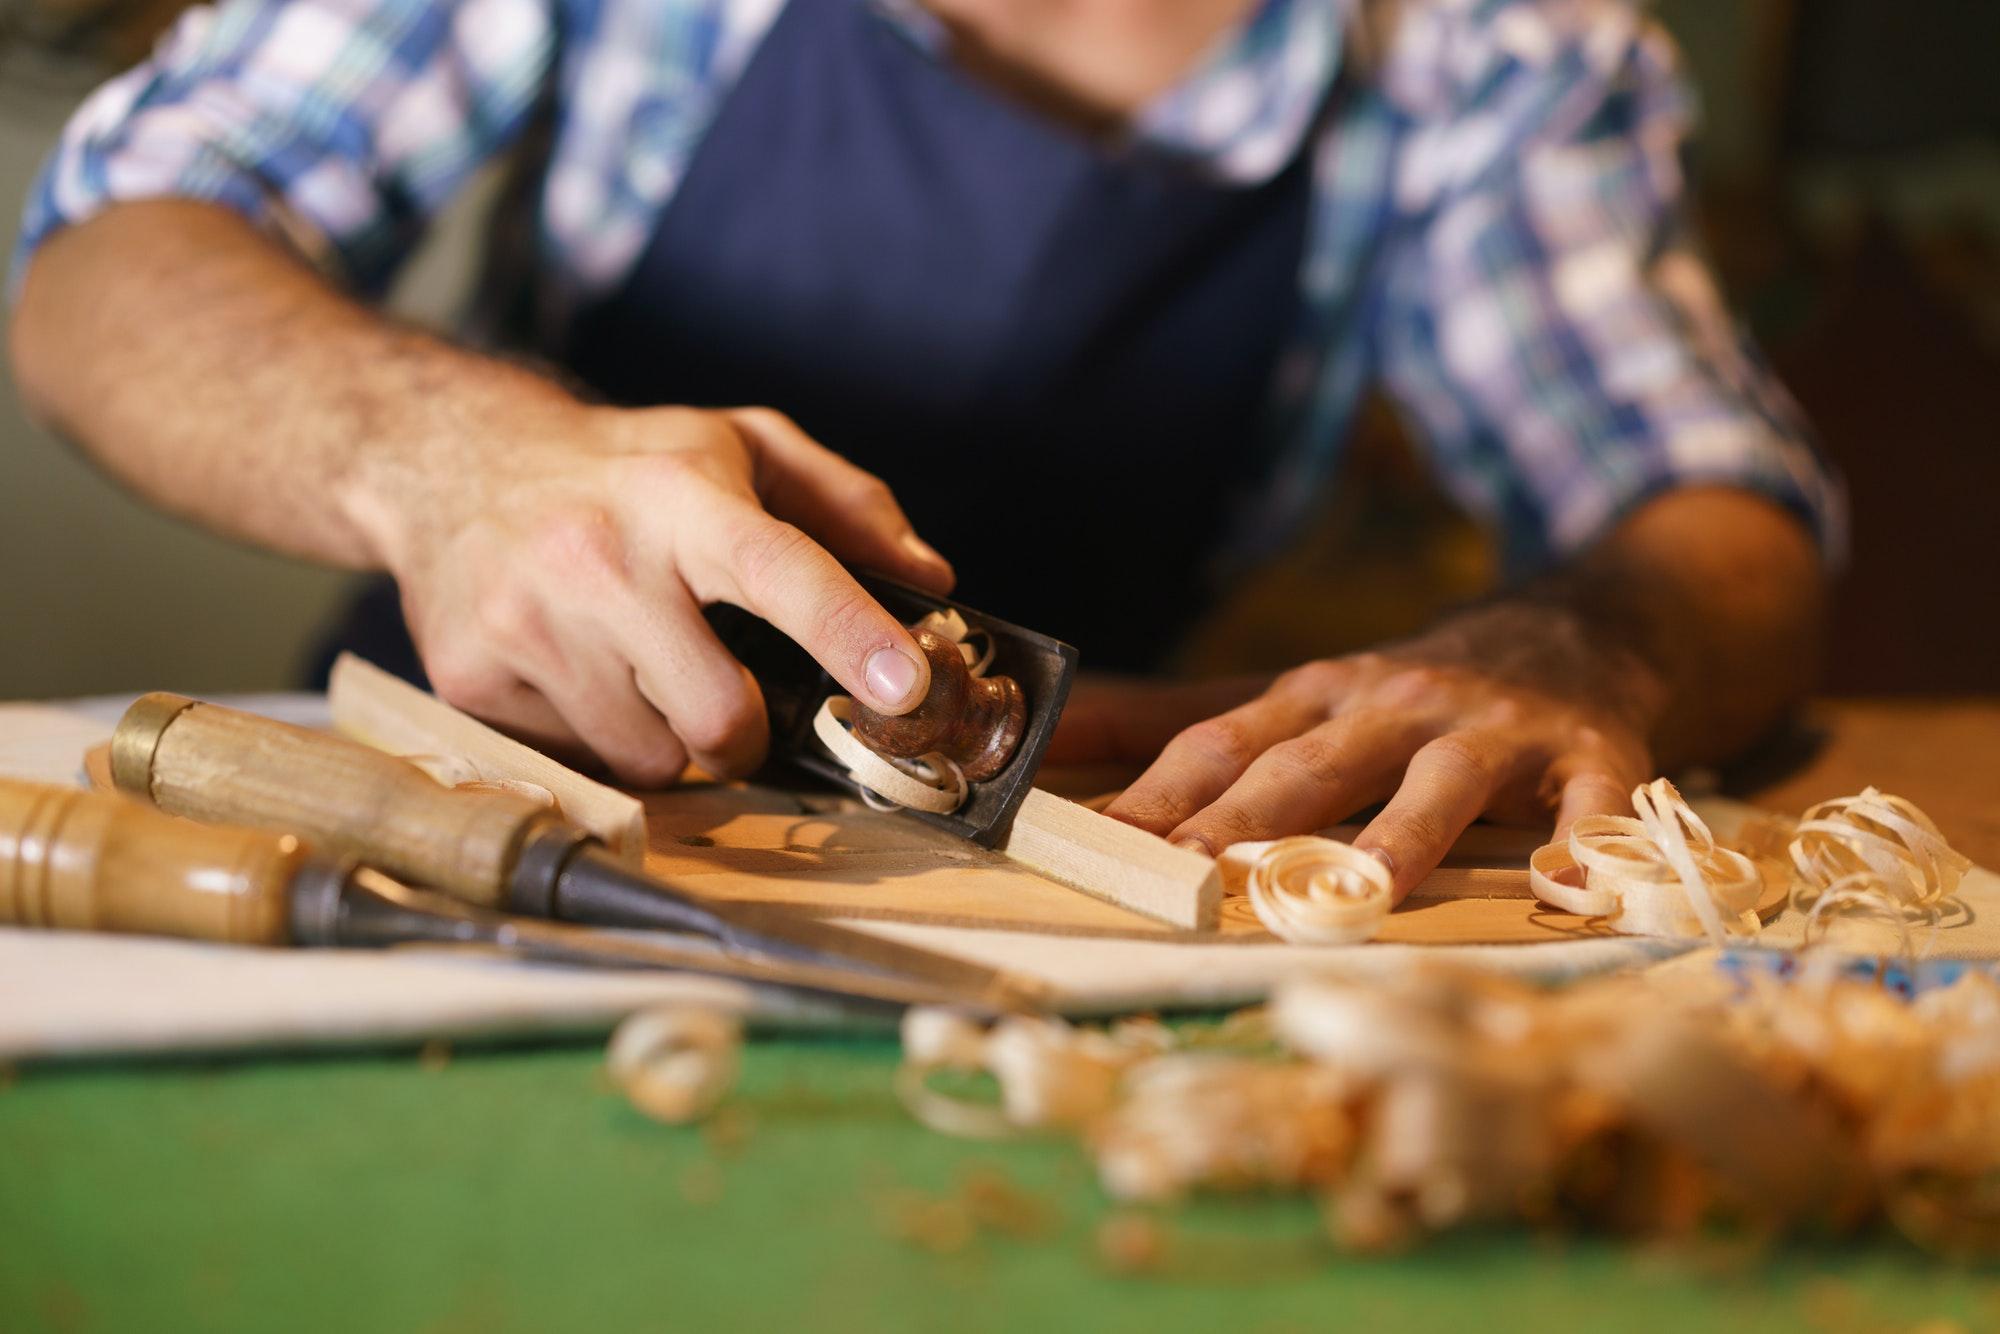 Artisan Lute Maker Chiseling Classical Guitar